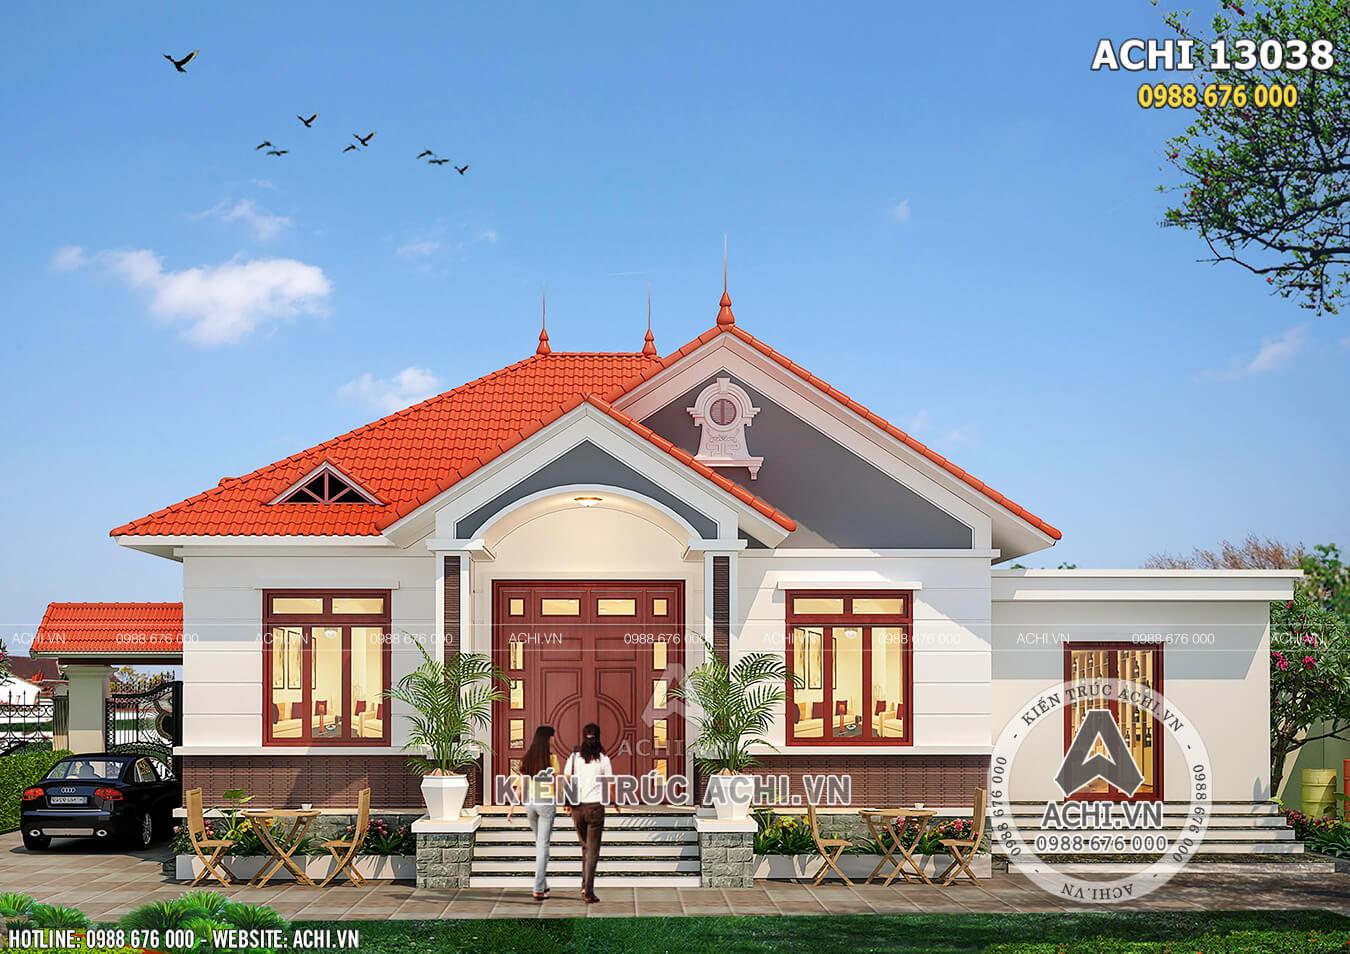 Mẫu nhà 1 tầng mái Thái 150m2 3 phòng ngủ đẹp - Mã số: ACHI 13038